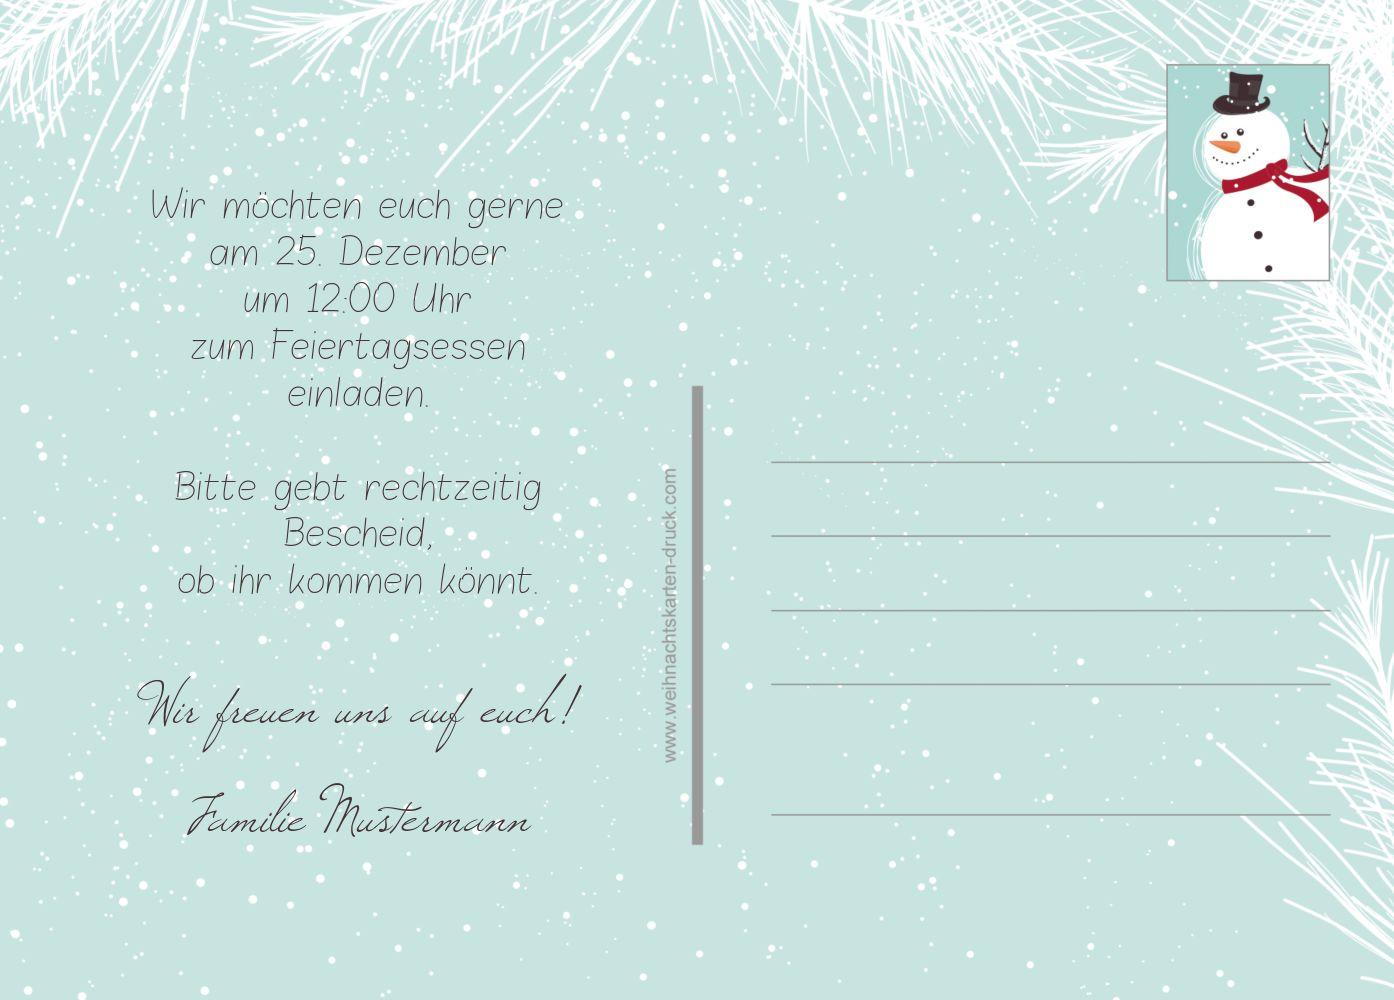 Ansicht 3 - Einladung Schneemänner